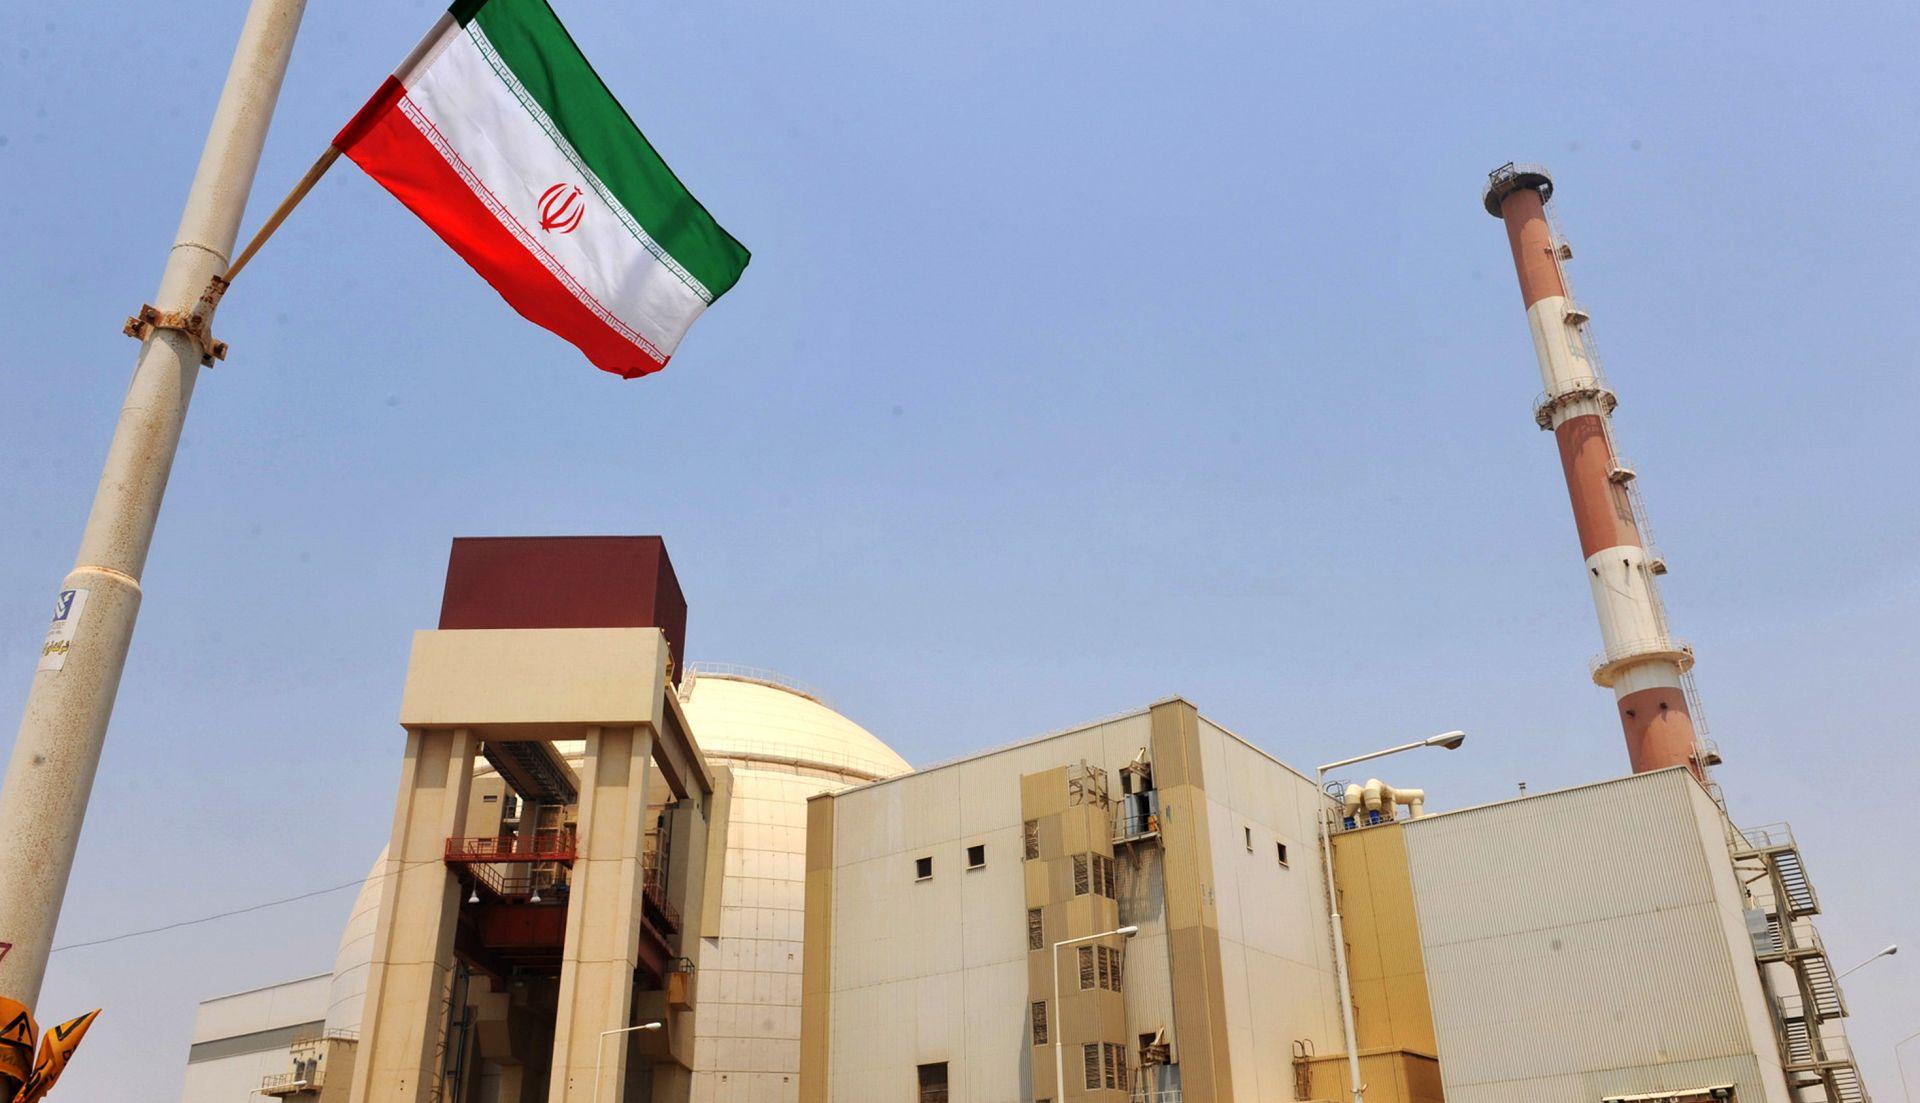 NESLAGANJE SAD-A I IZRAELA Dogovor sa Zapadom za Iran je izraelski poraz